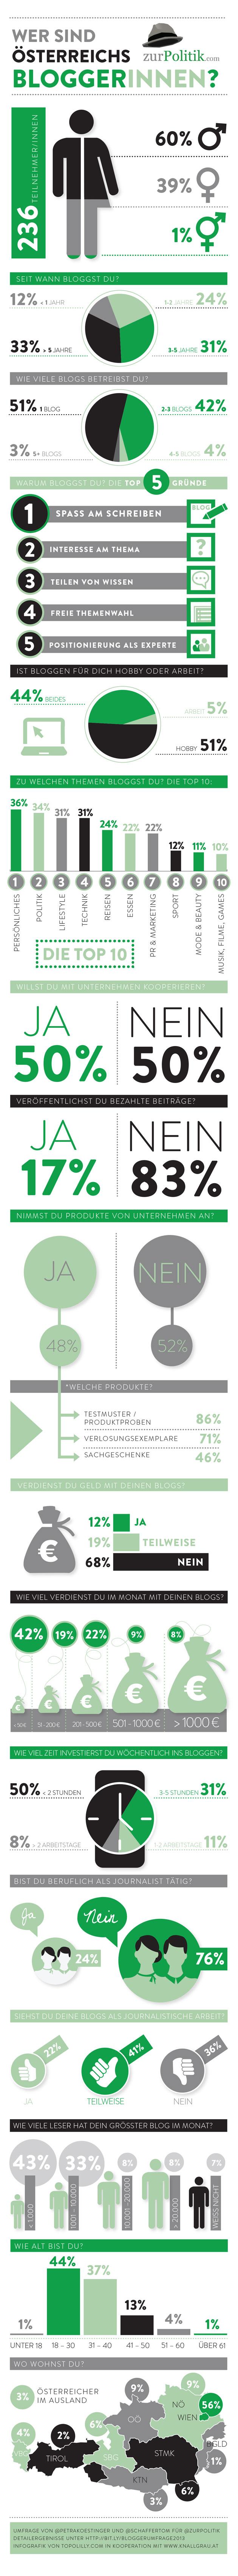 Infografik: Österreichs Blogger 2013